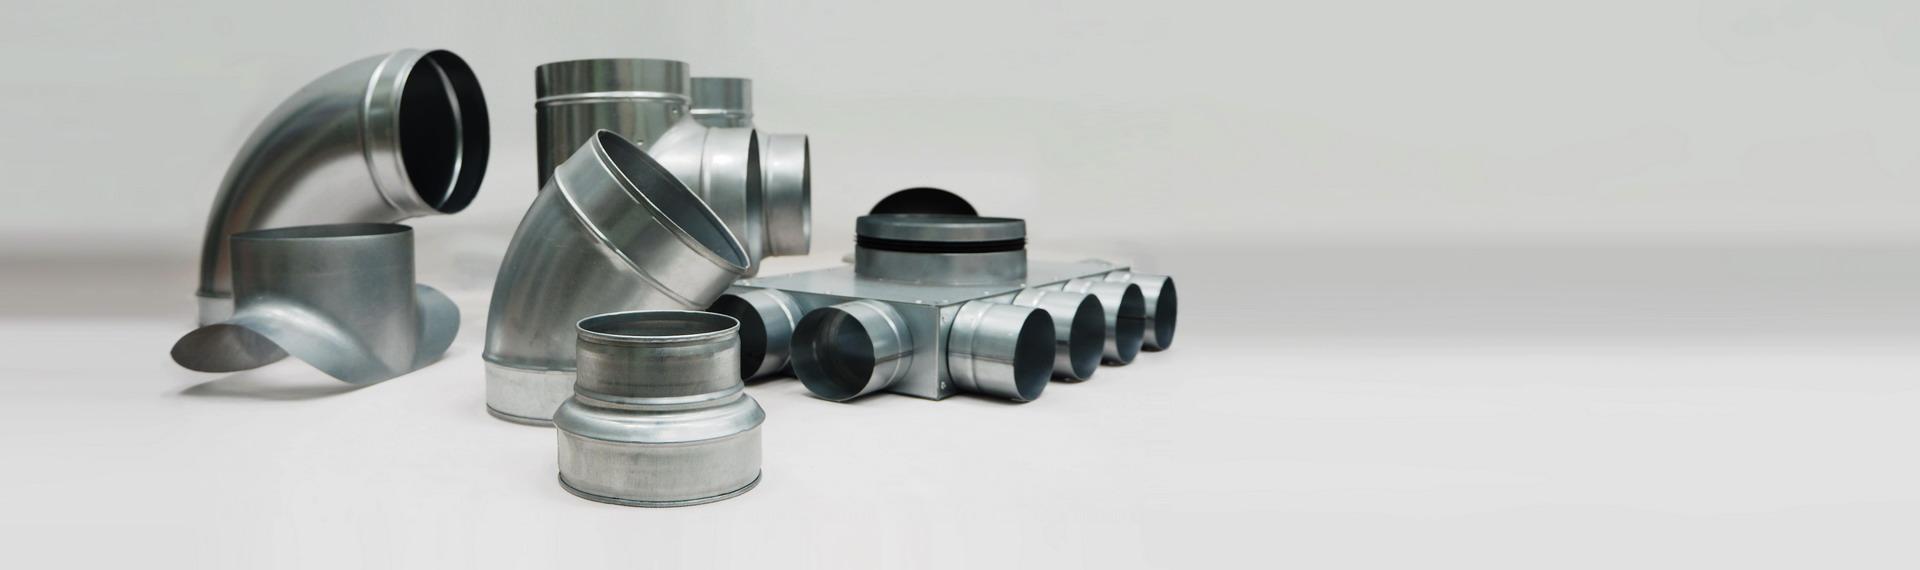 Spiroflex elementy wentylacji